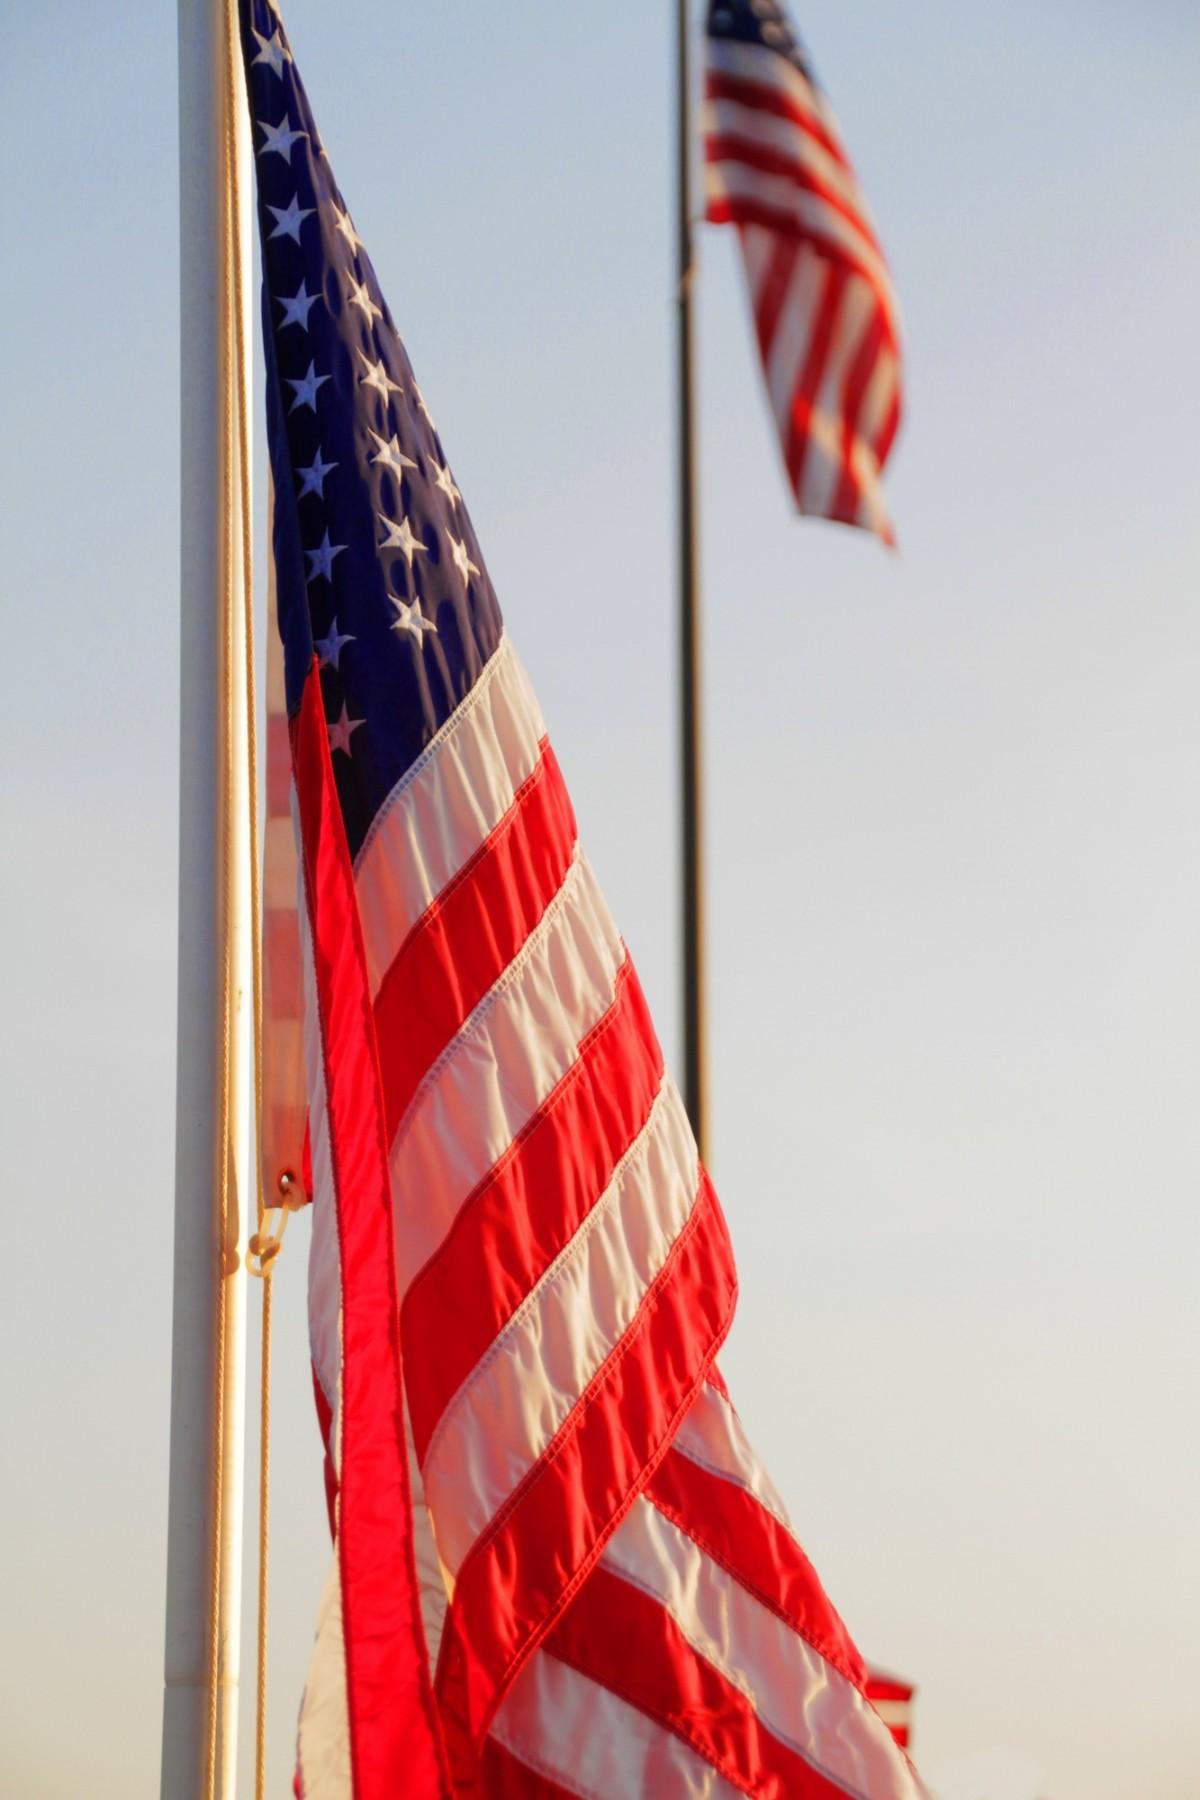 free images banner emblem maple leaf patriotism national